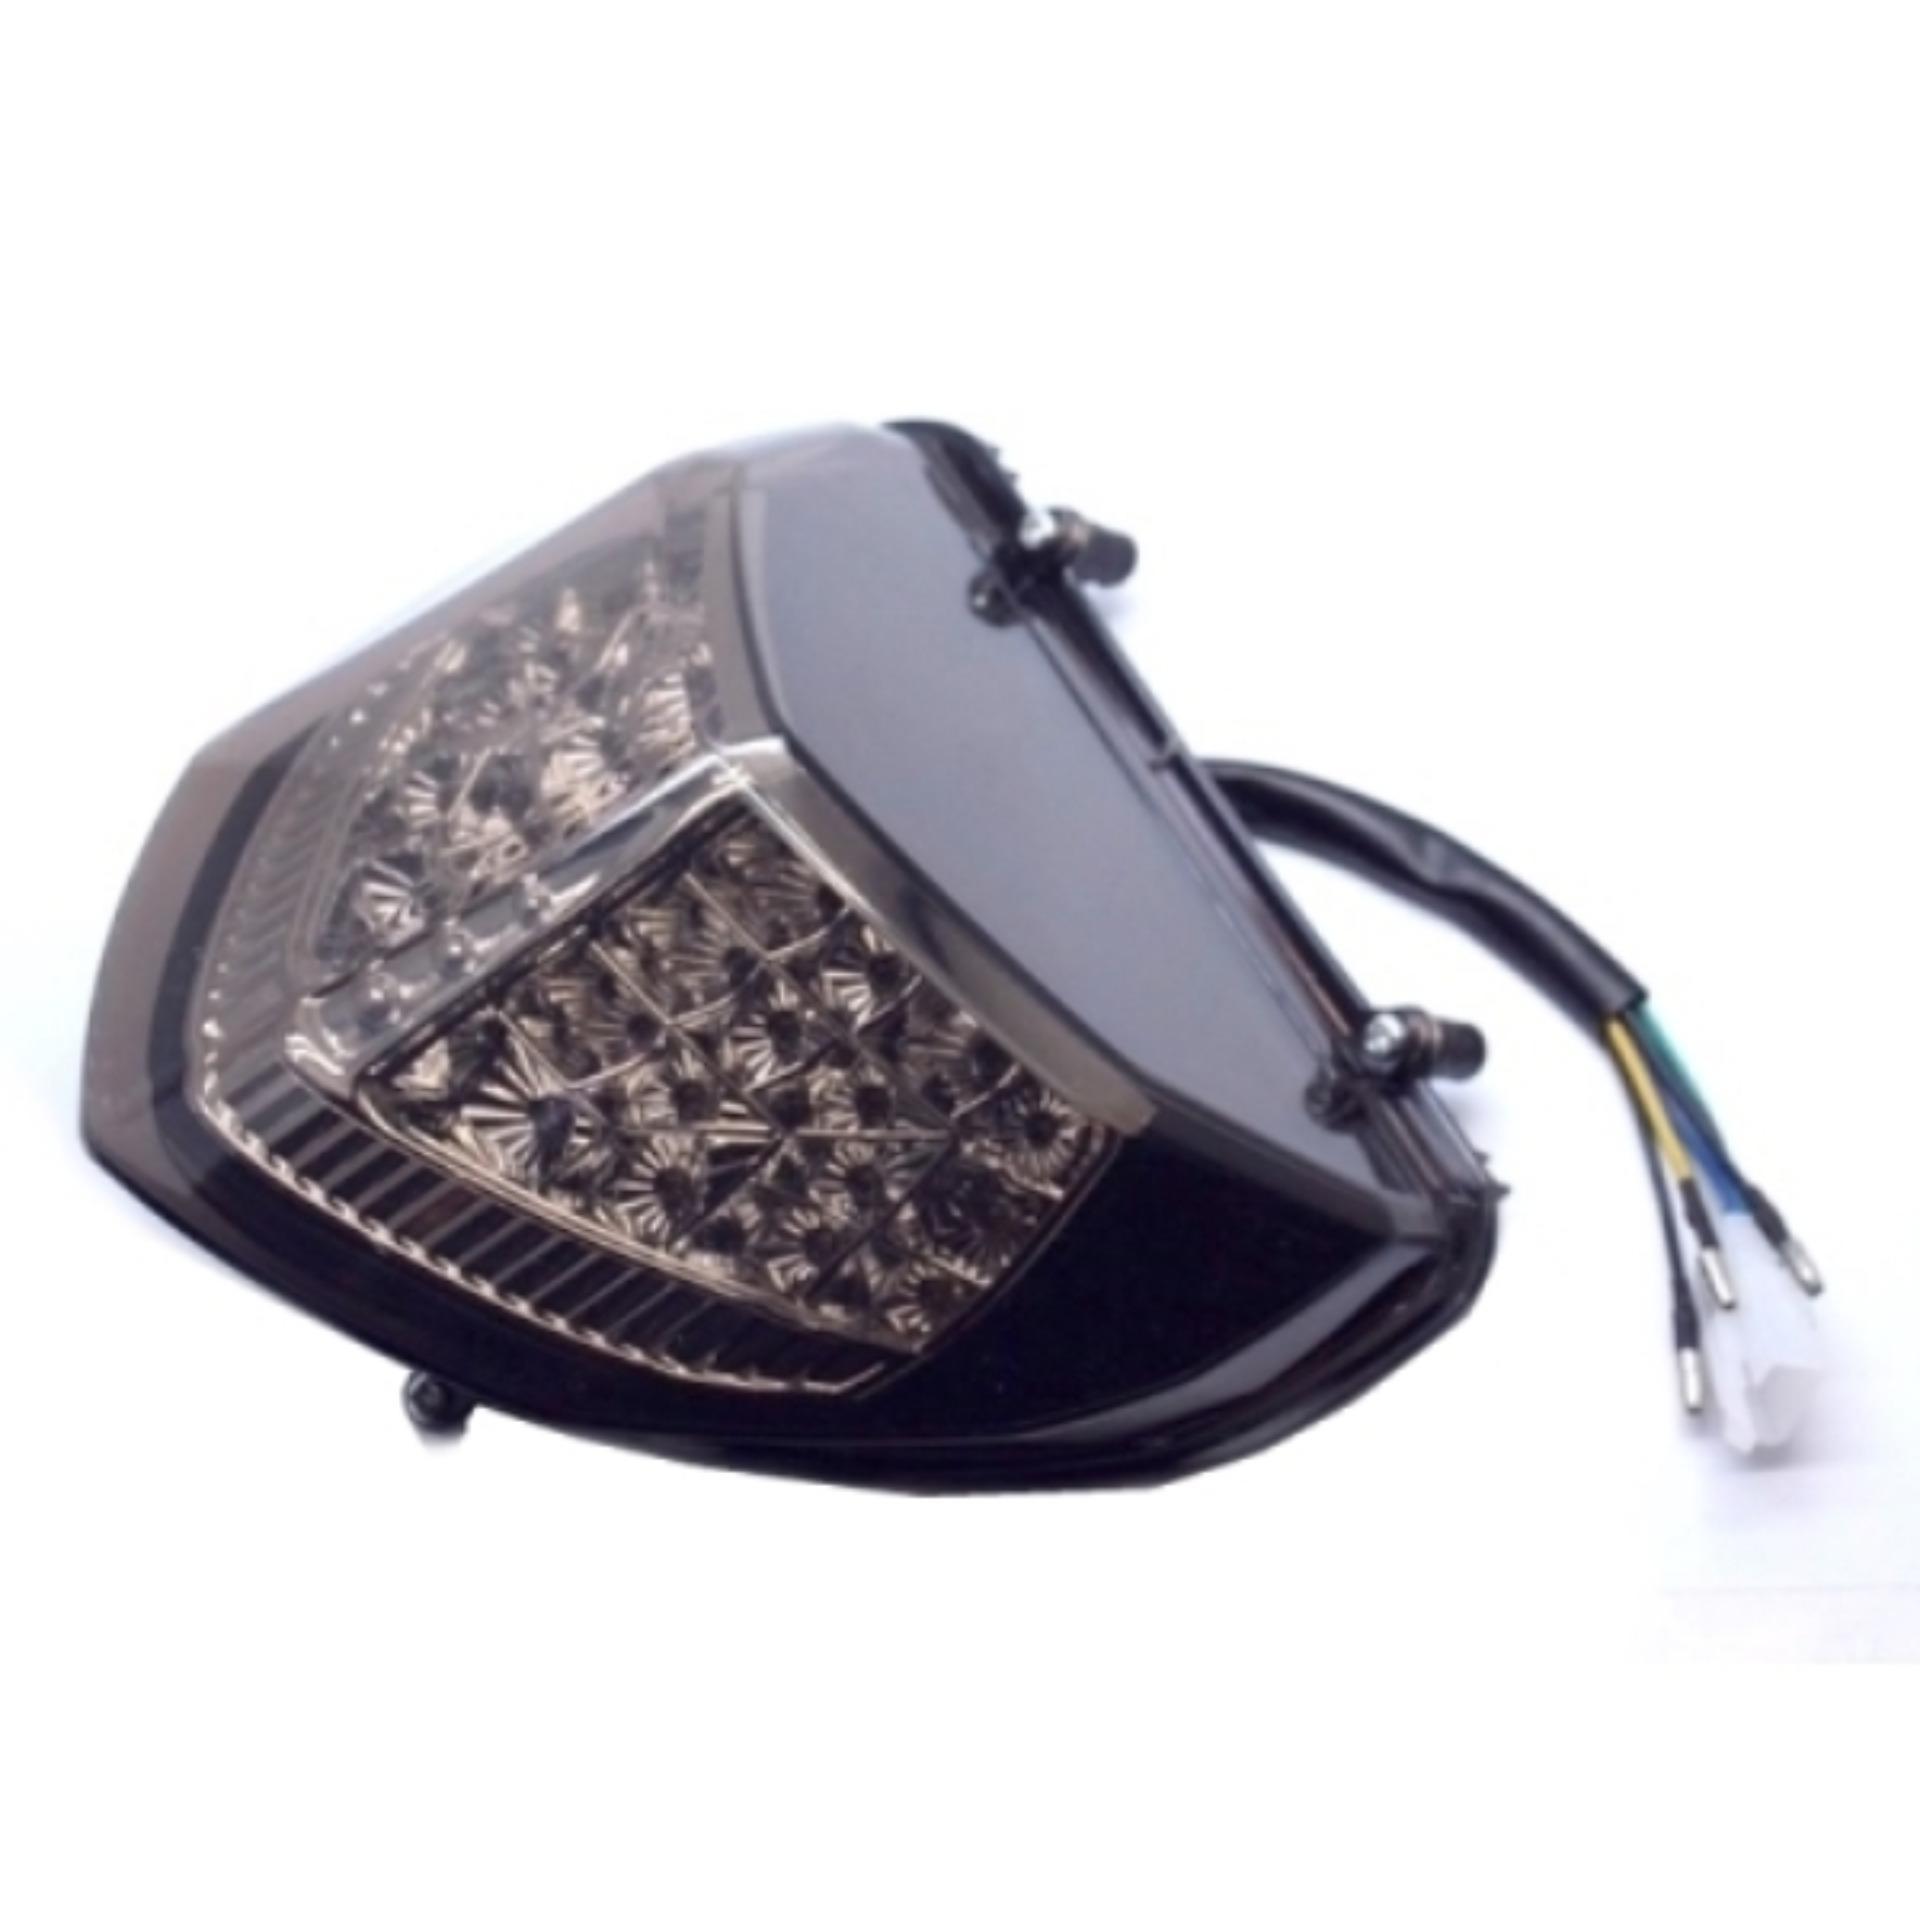 Kelebihan Lampu Sen Klasik Cb Mini Black Besi Terkini Daftar Harga Sein Bulat Sedang Belakang Jpa Led 150